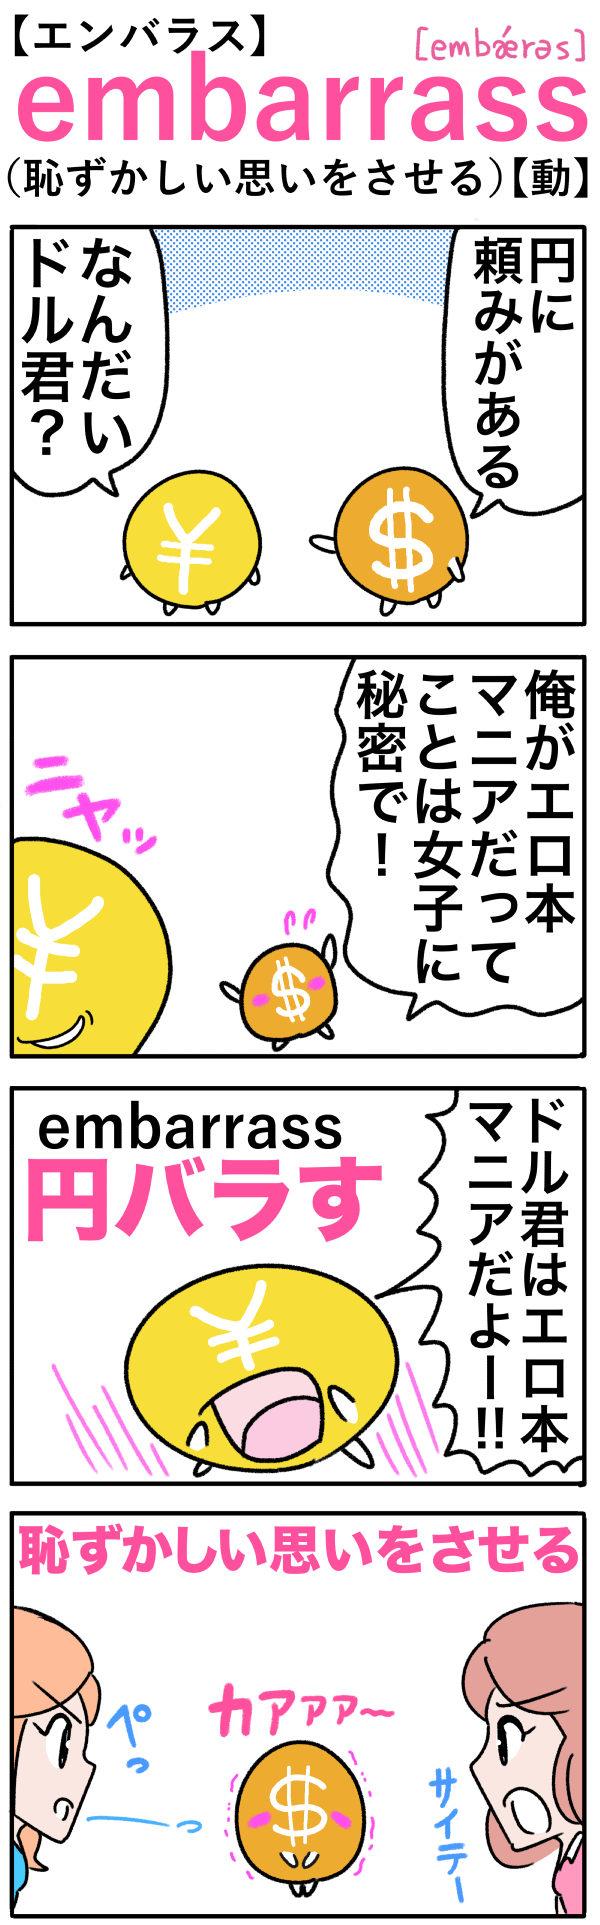 embarrass(恥ずかしい思いをさせる)の語呂合わせ英単語